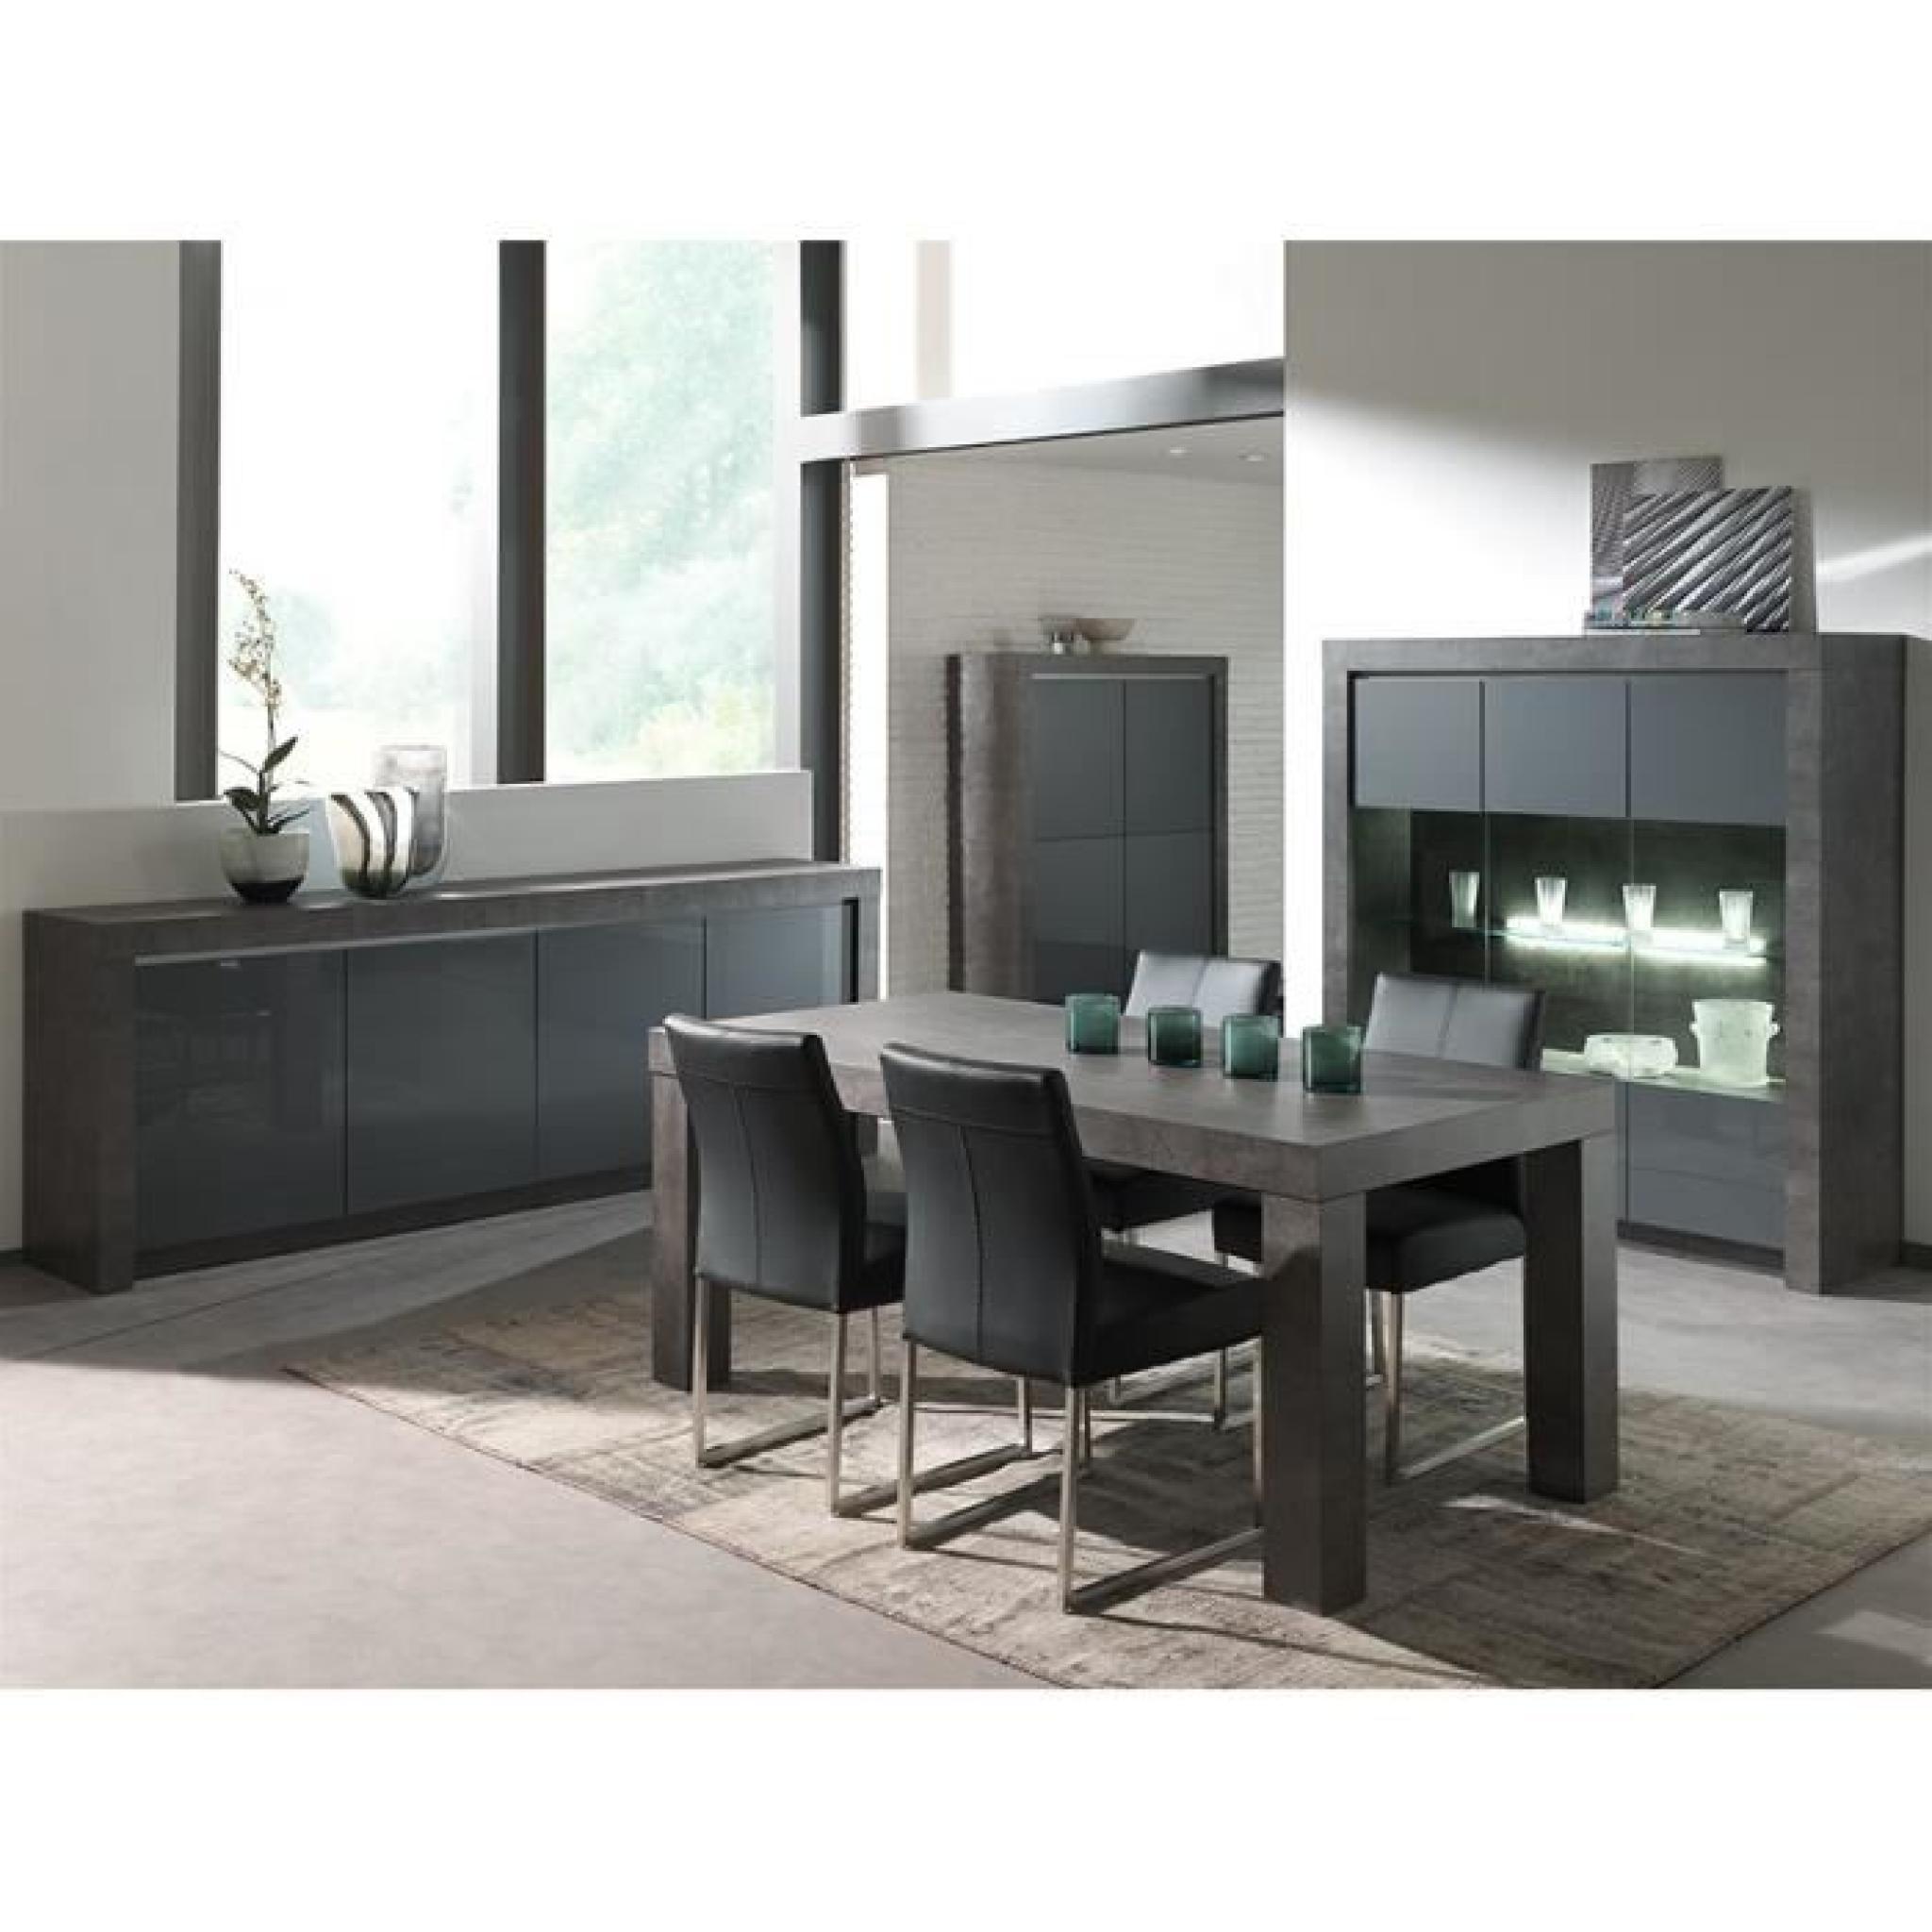 salle a manger complete gris laque moderne murilo bahut l 218 cm table l 215 cm achat vente ensemble salle a manger pas cher couleur et design fr